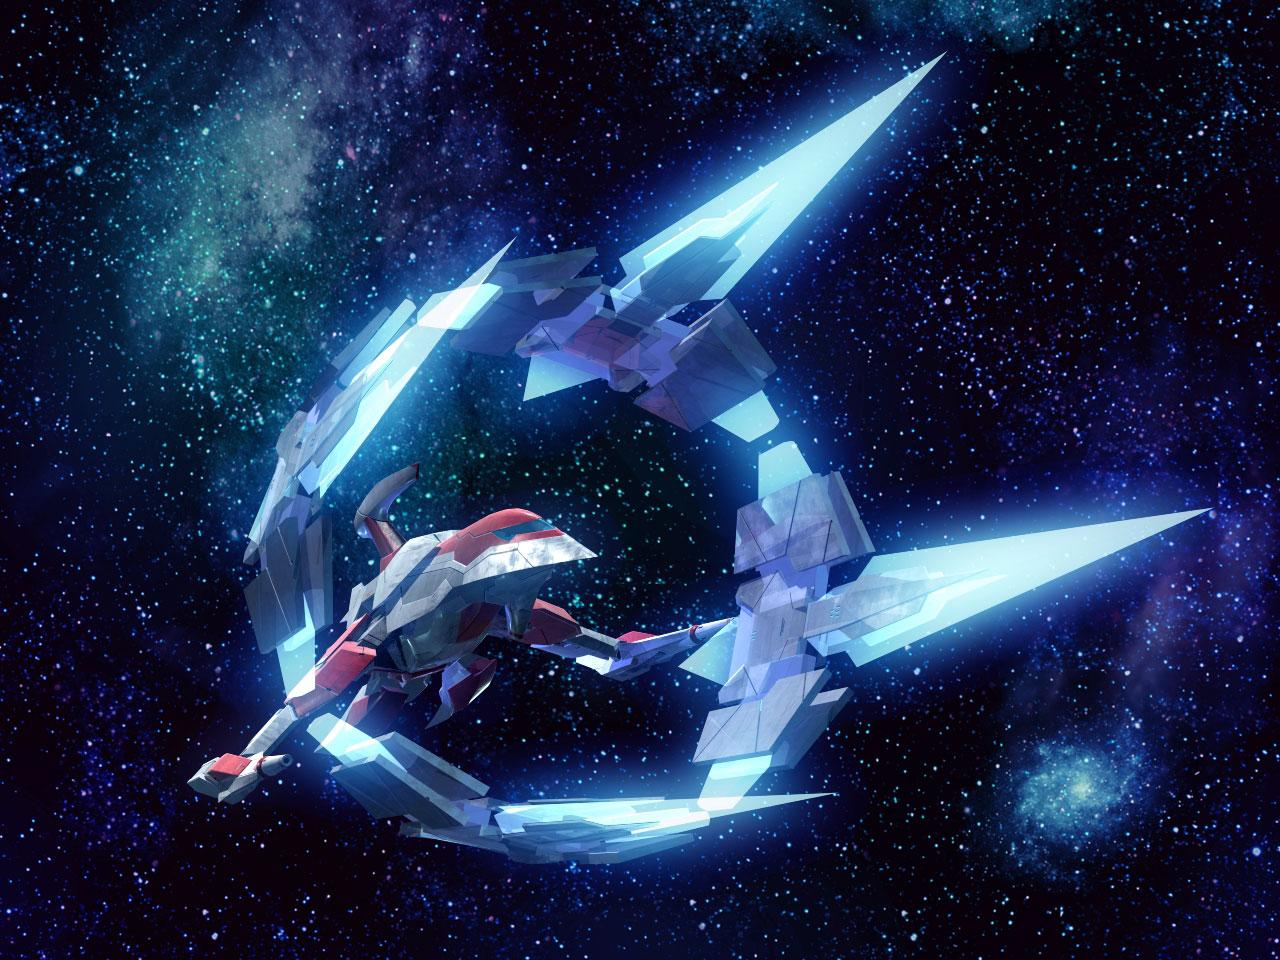 Le Silver hawk de PLUM correspond à la version Legend de Darius Burst, ici représenté avec ses Burst parts